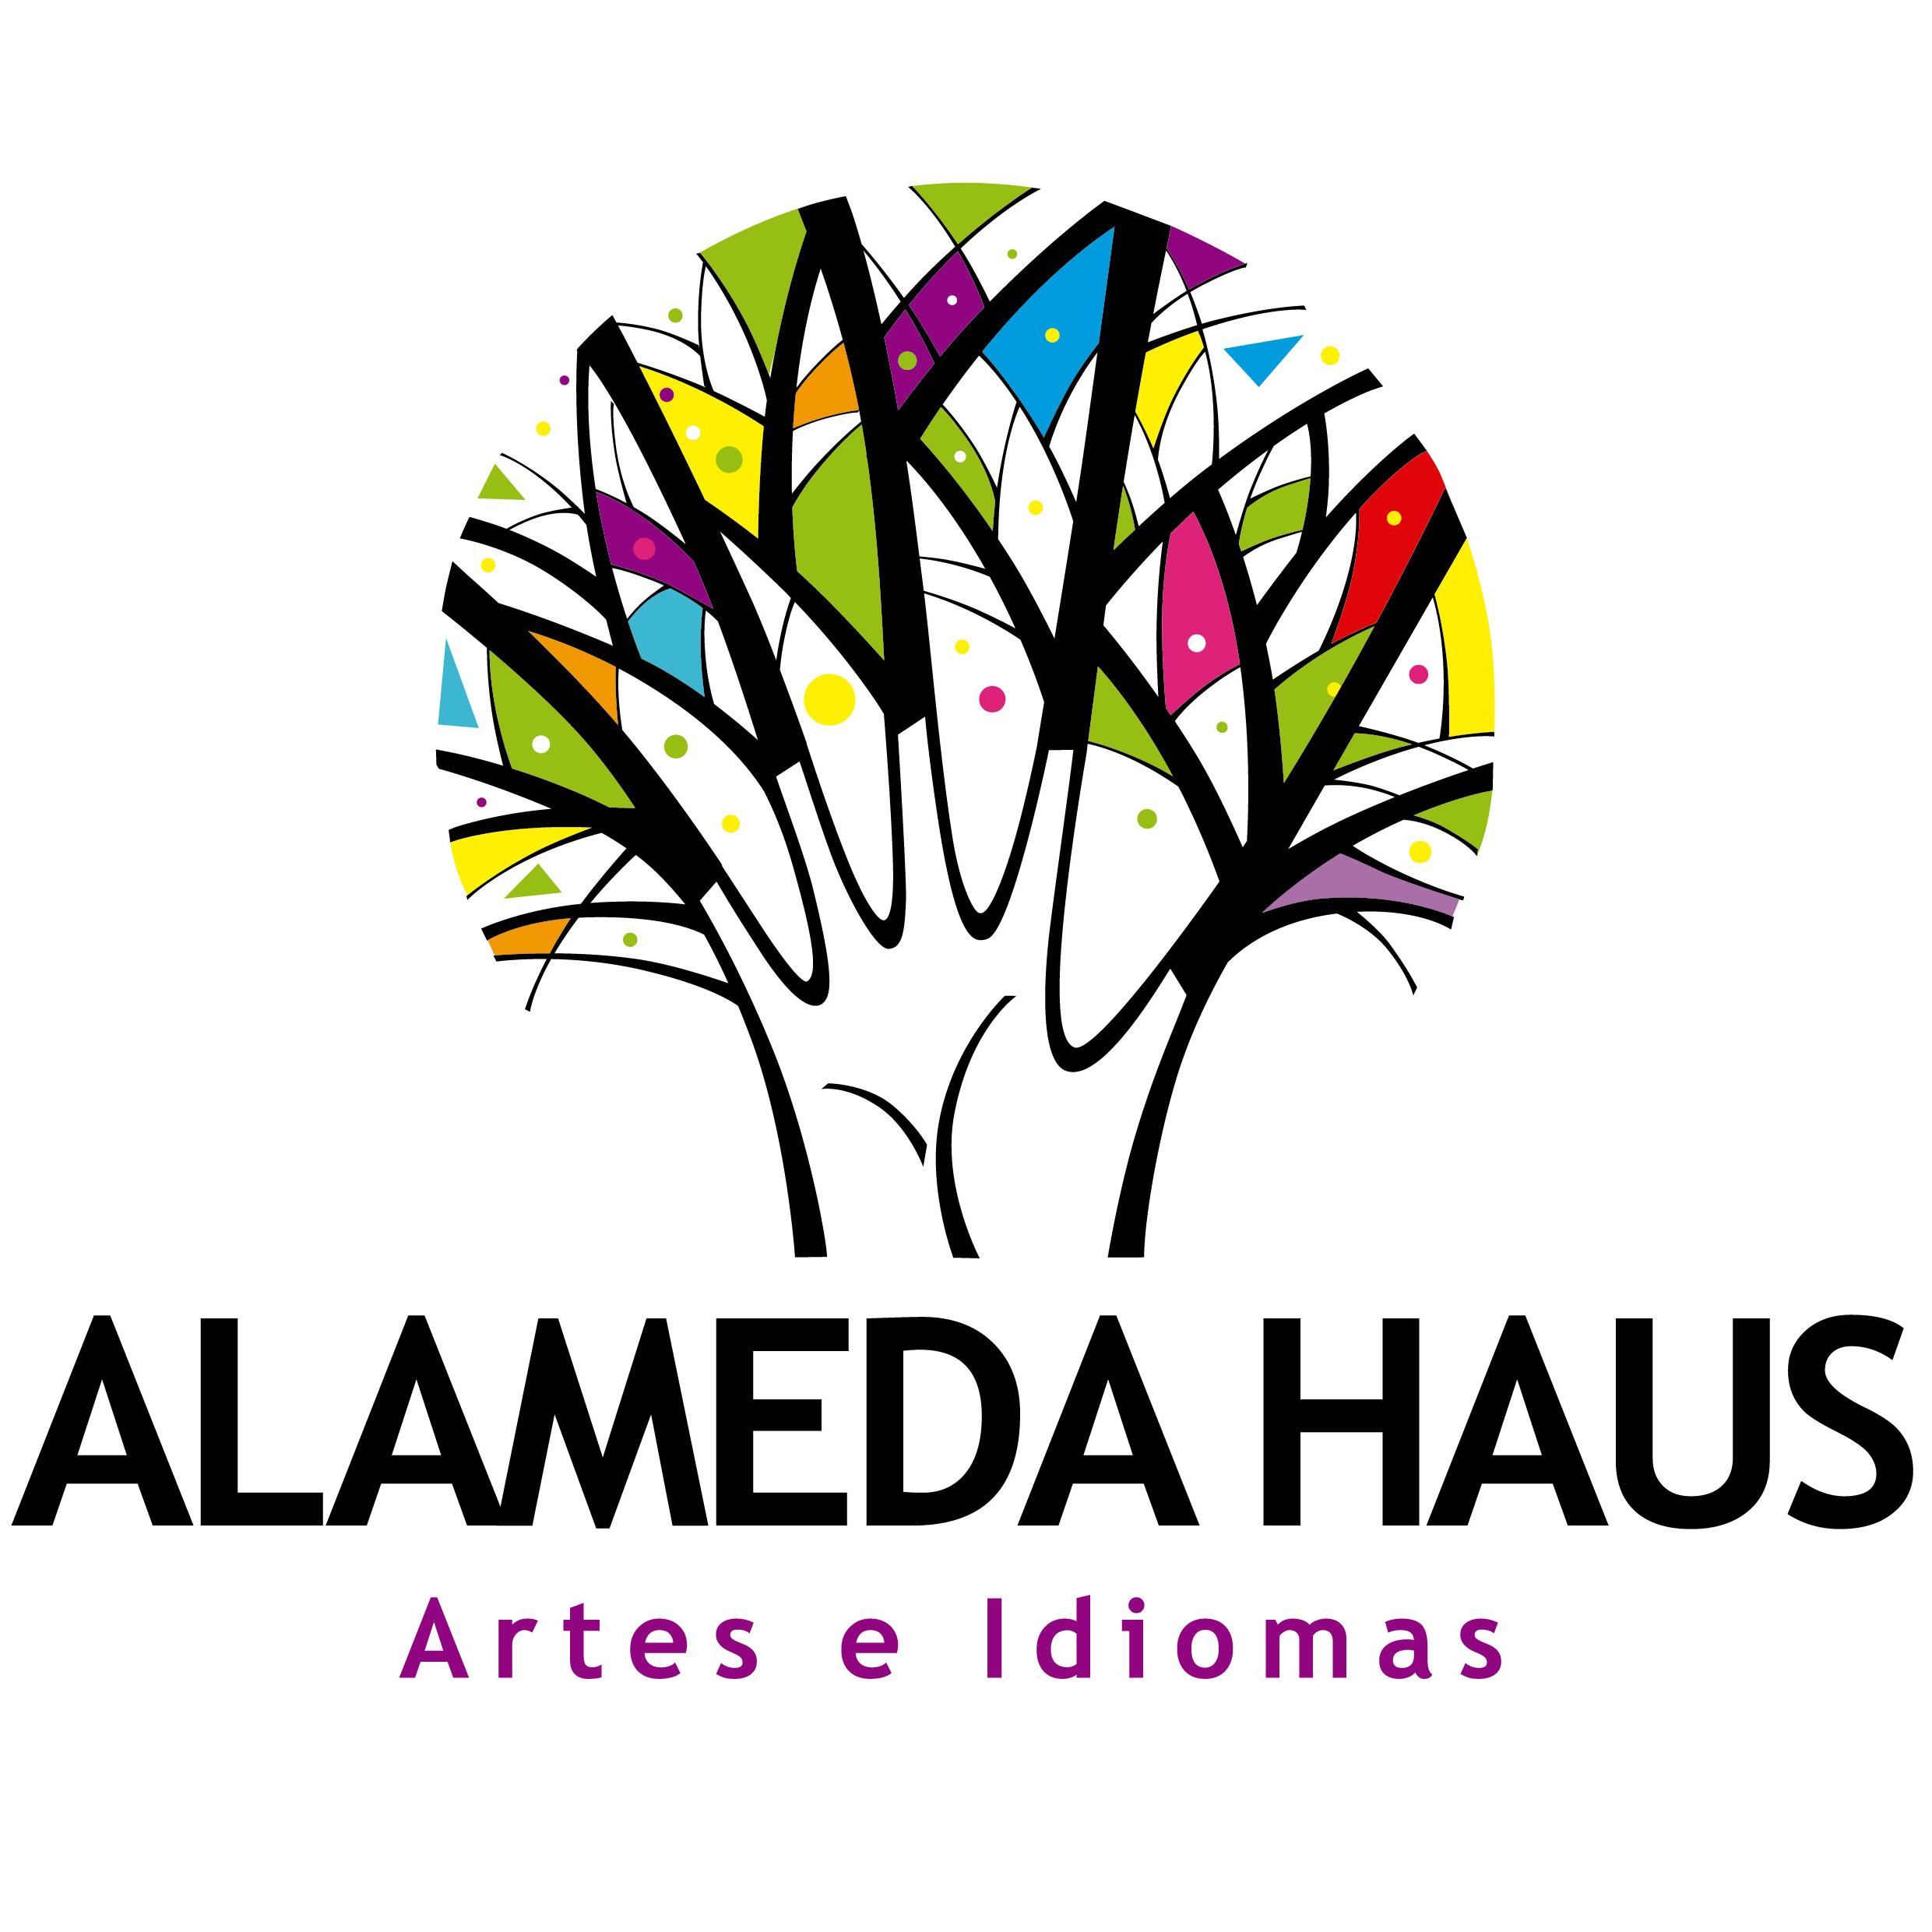 Foto_021-2019-Alameda-Haus-Artes-e-Idiom